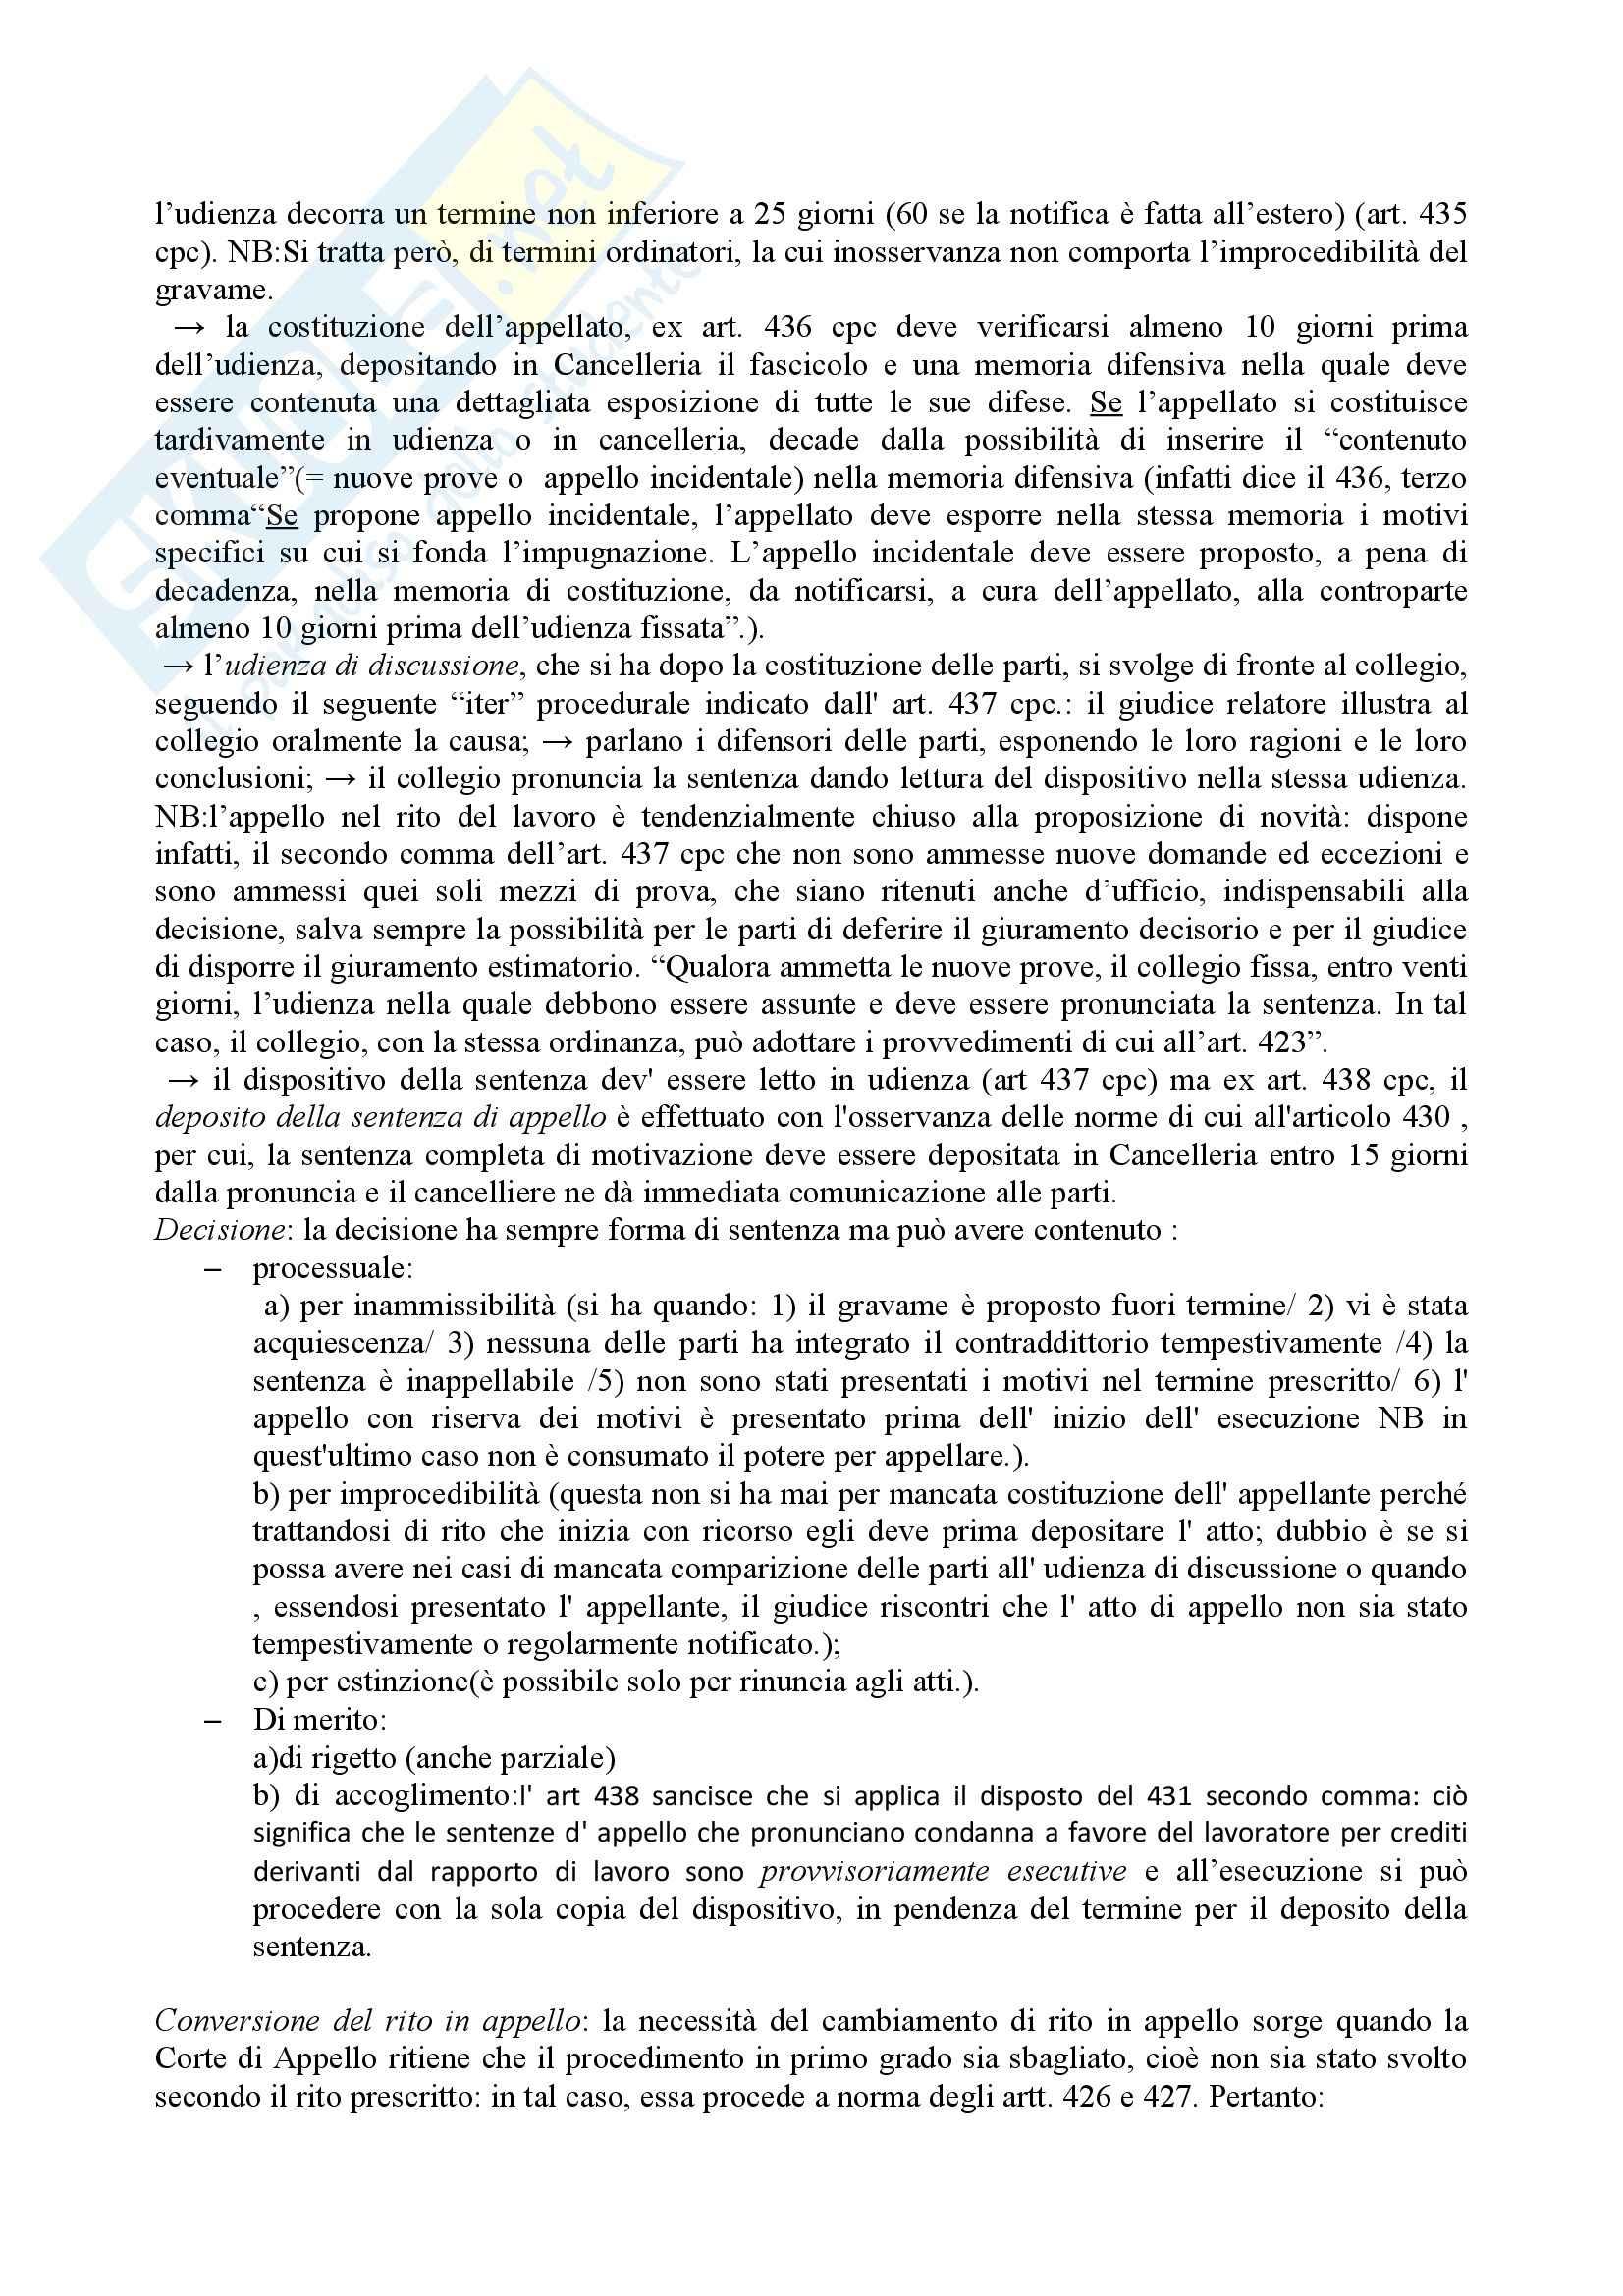 Rito del lavoro, Diritto processuale civile Pag. 11